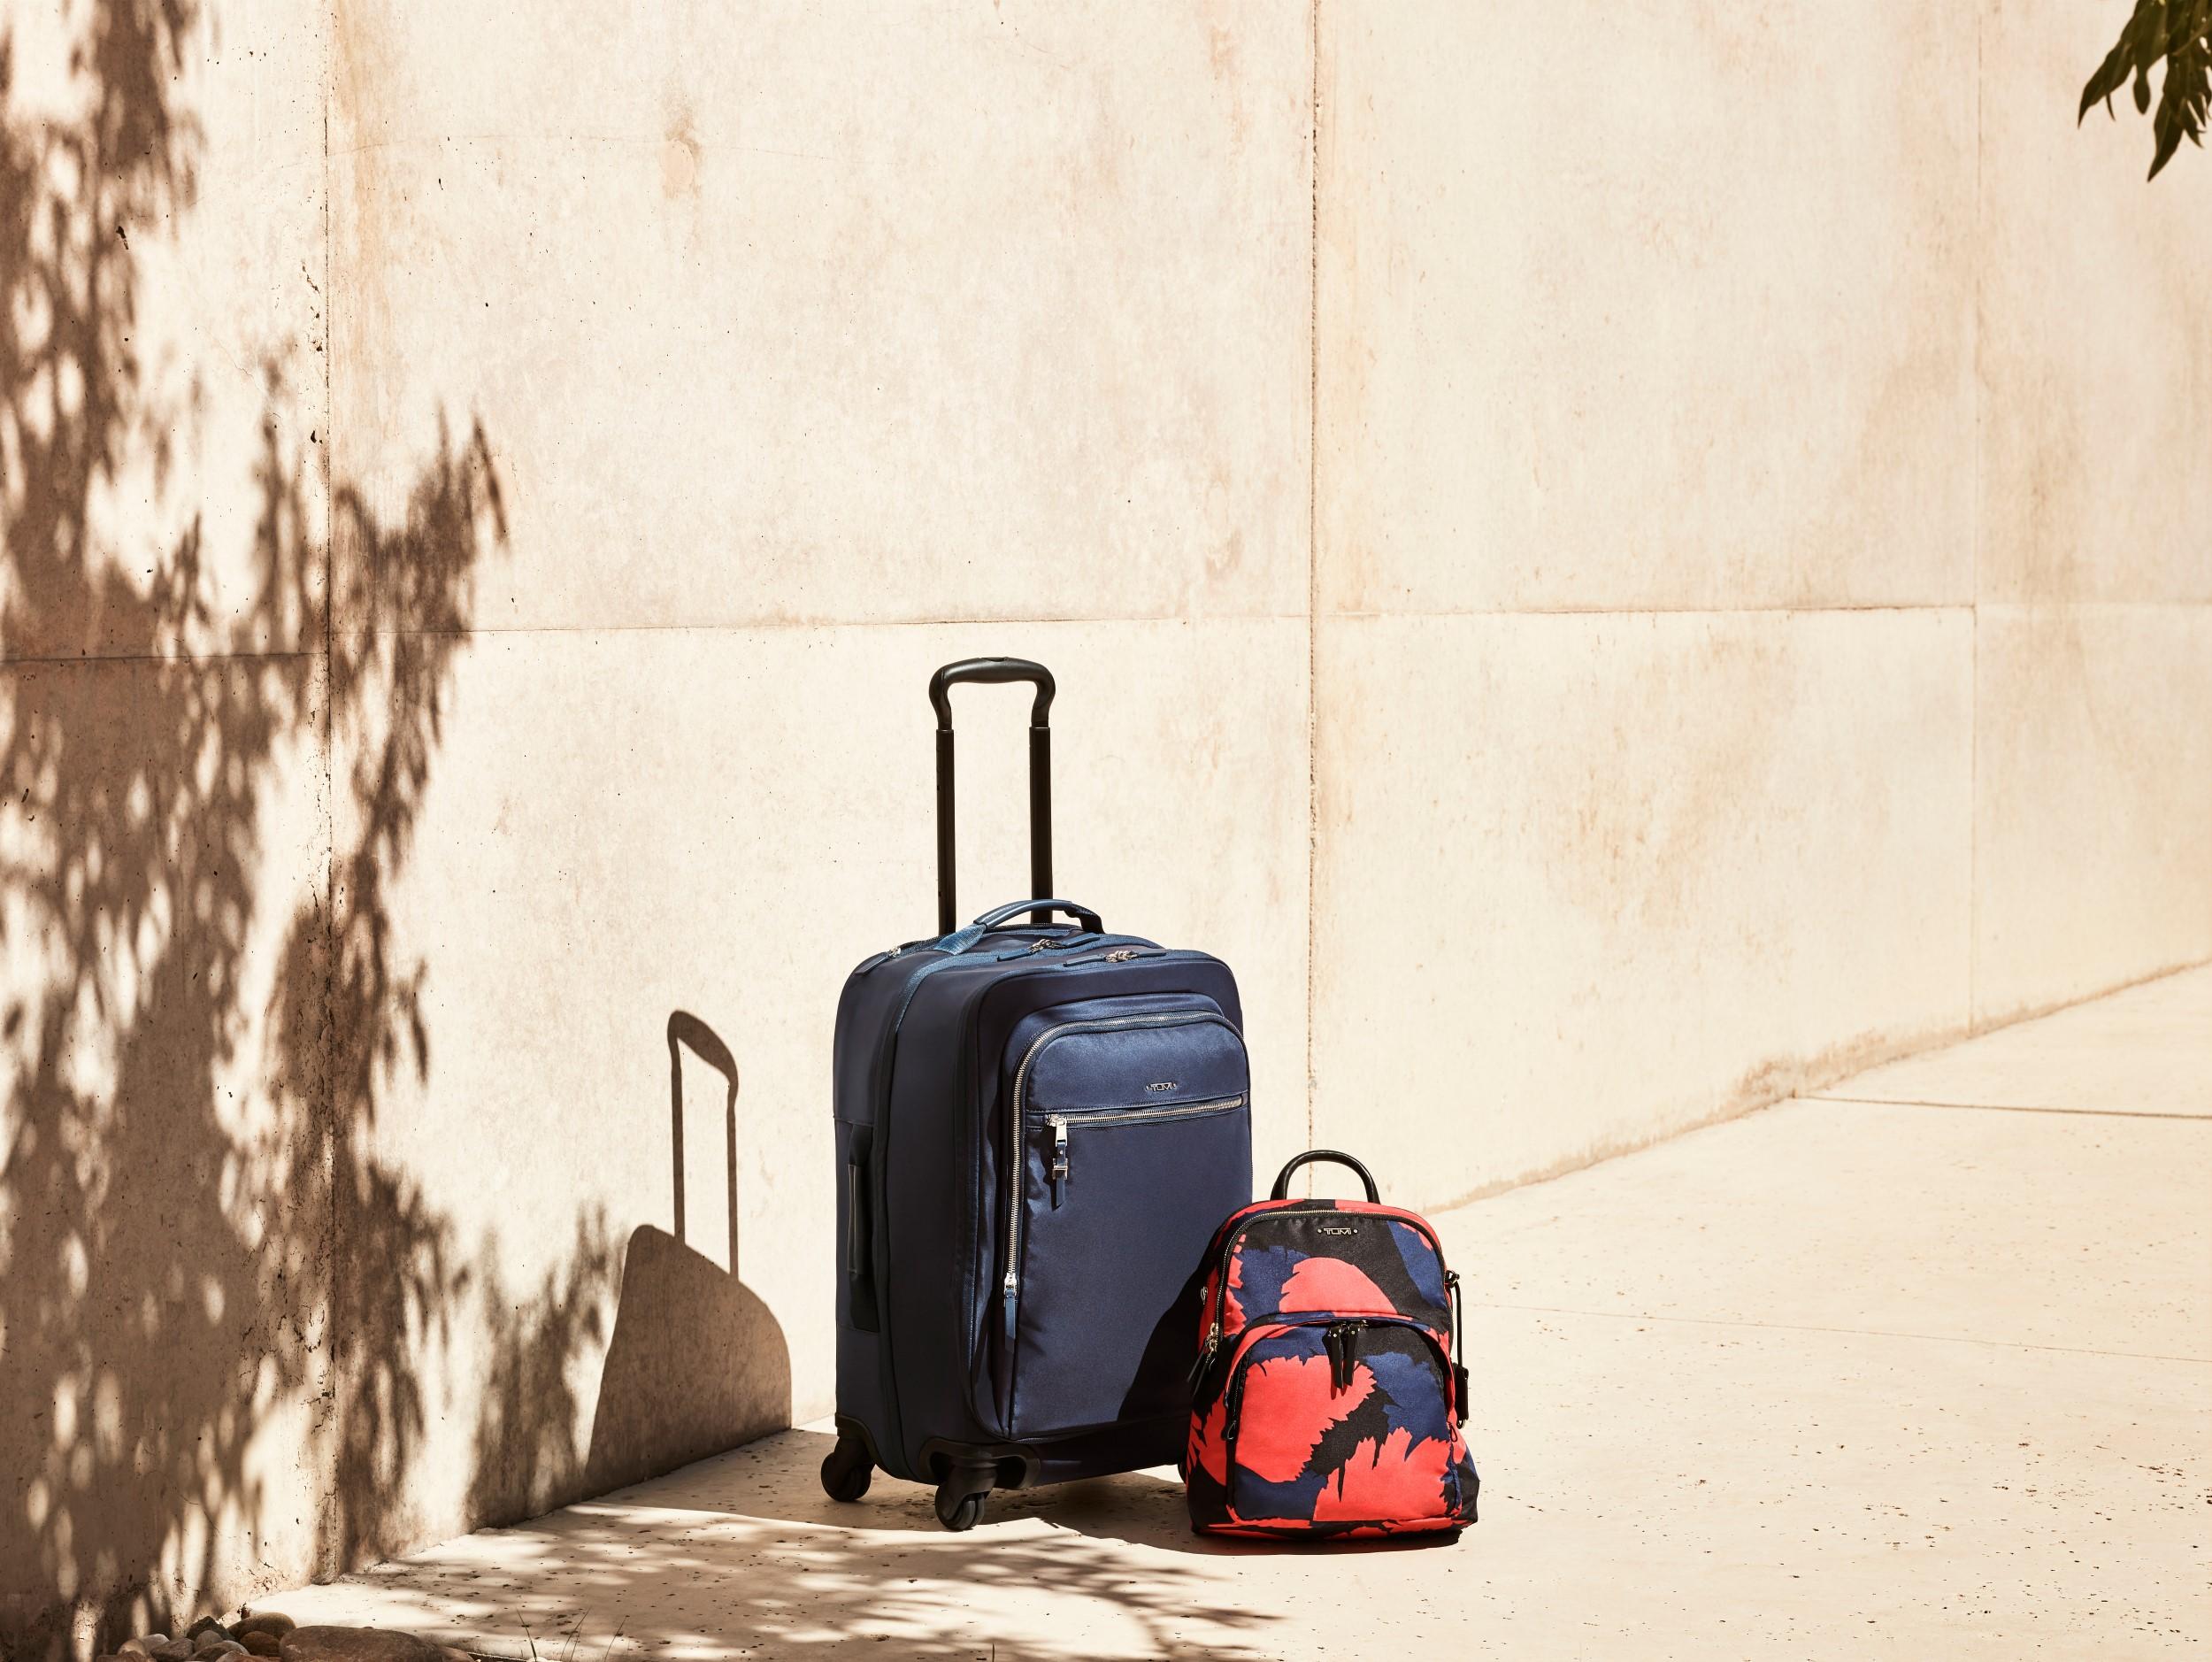 Сезон отпусков открыт, а чемодана для поездок еще нет?